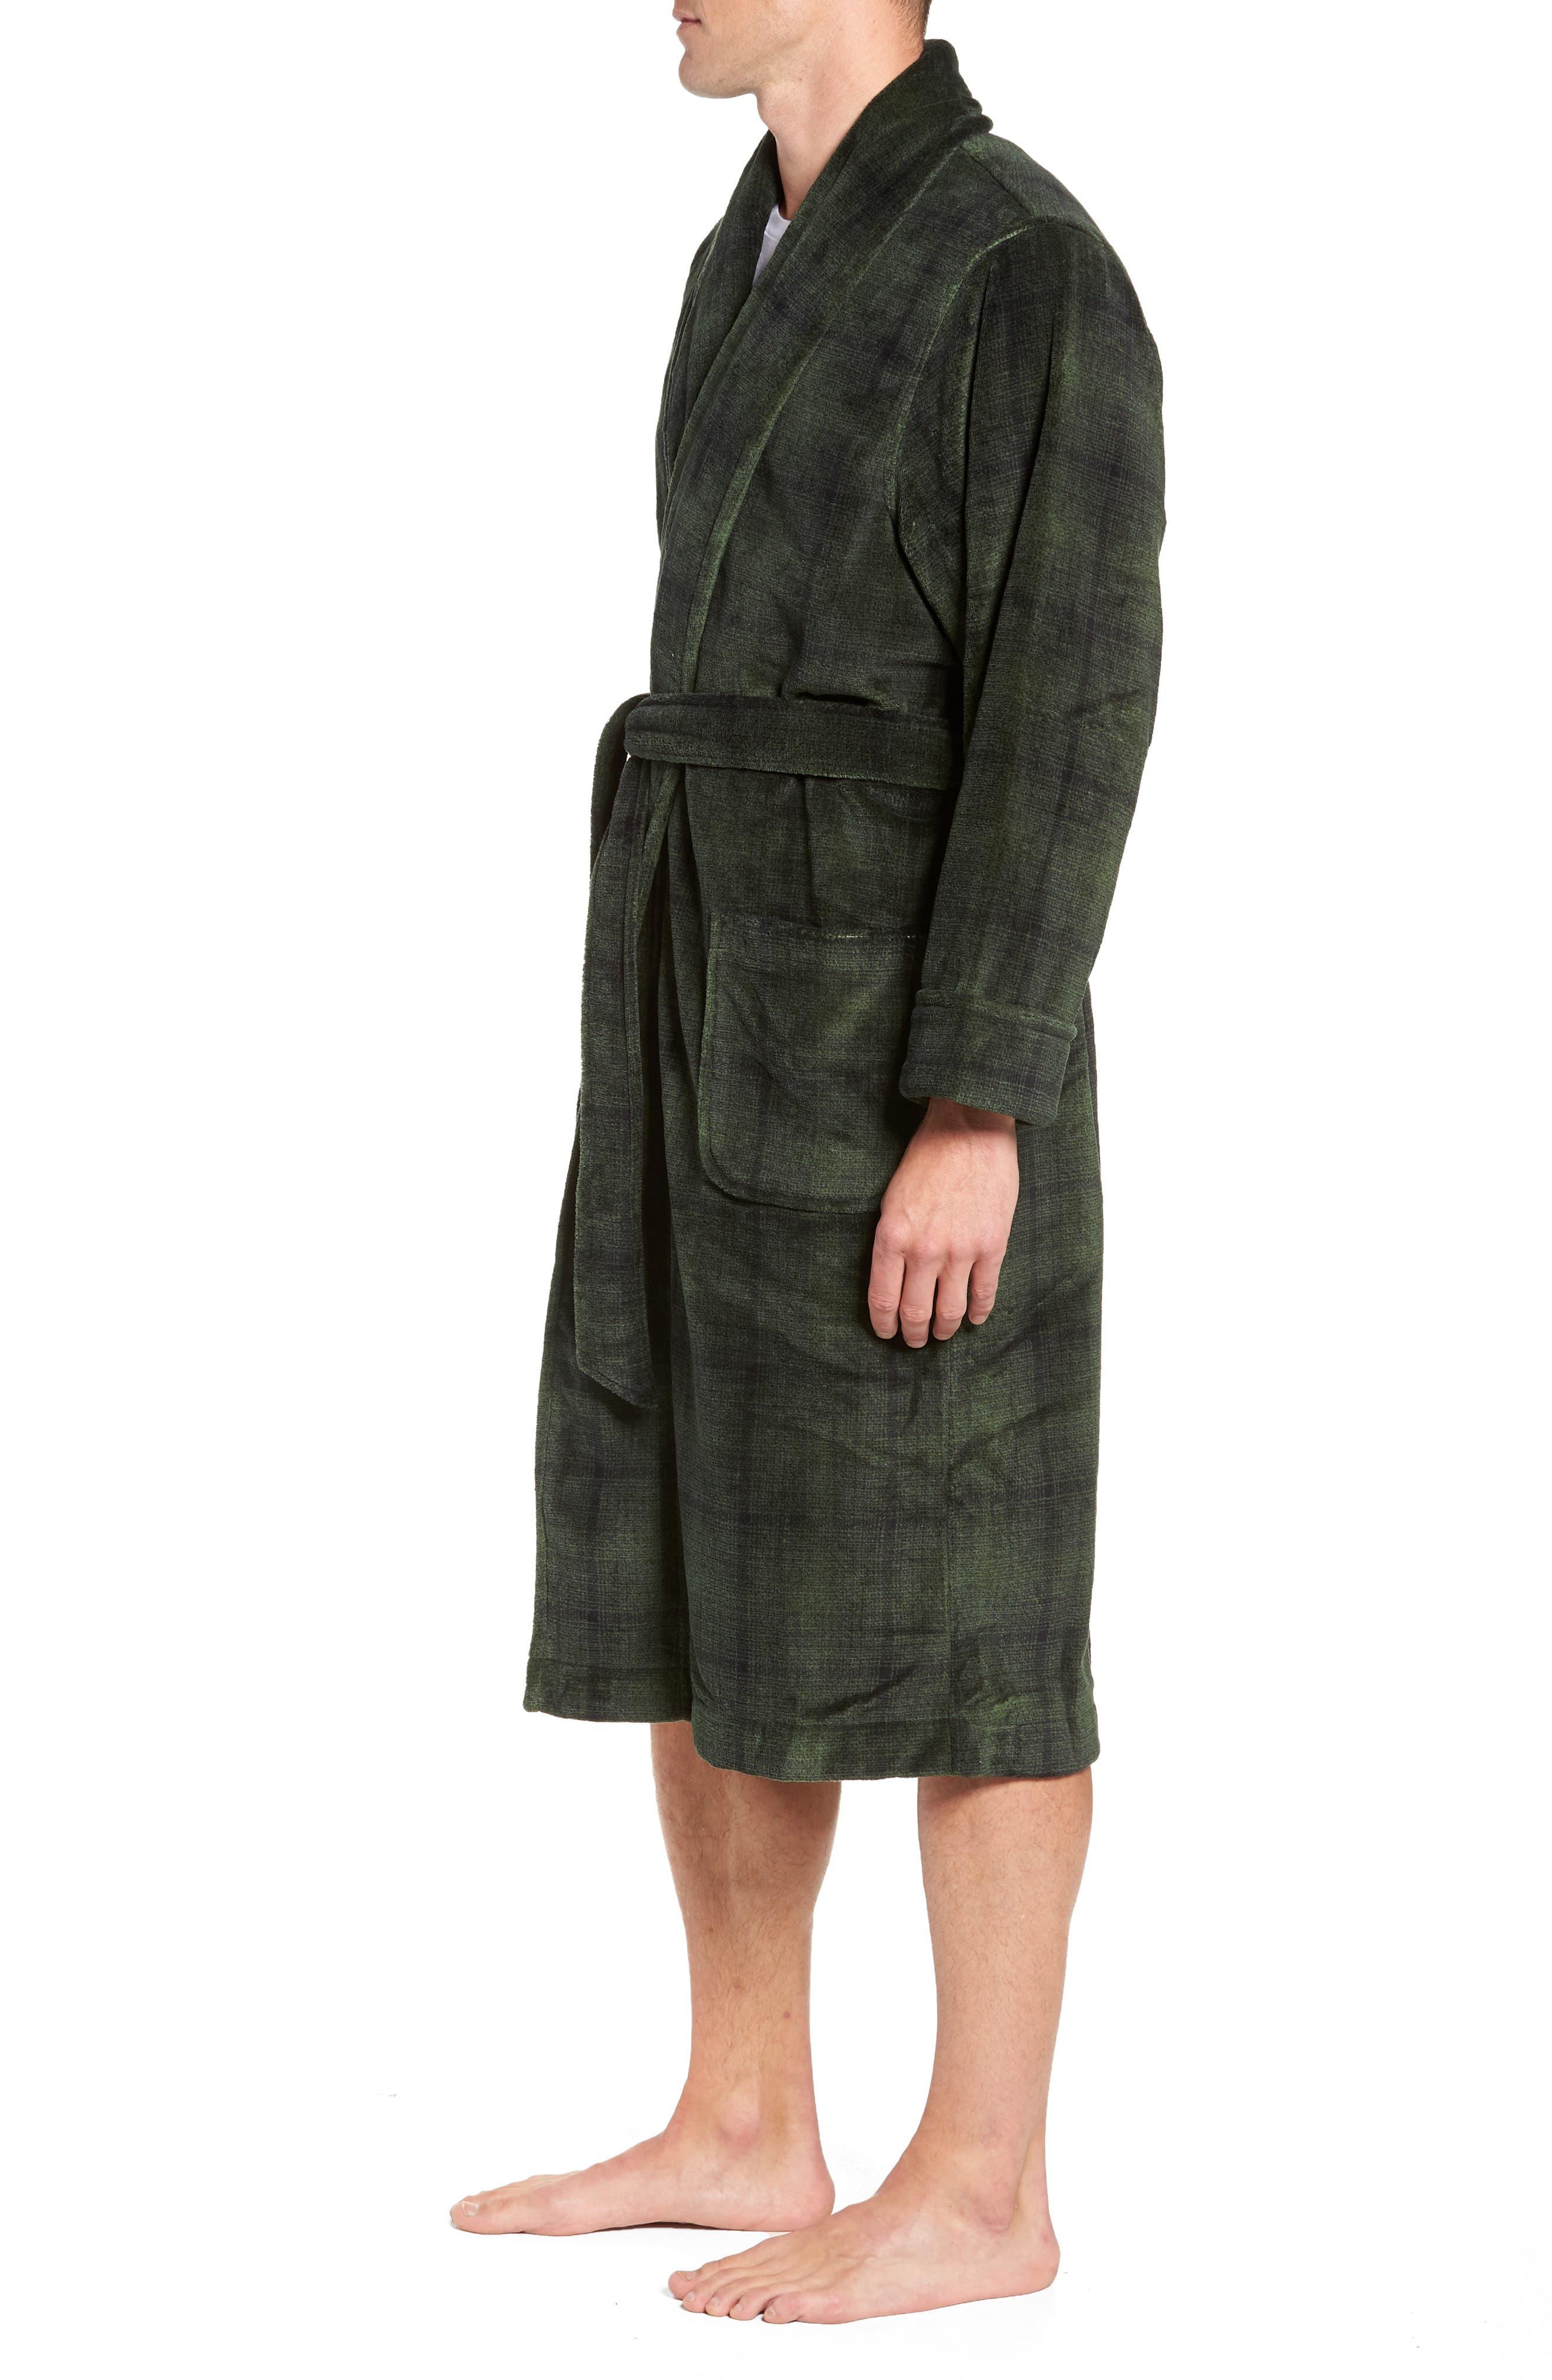 Ombré Plaid Fleece Robe,                             Alternate thumbnail 3, color,                             GREEN - BLACK OMBRE PLAID